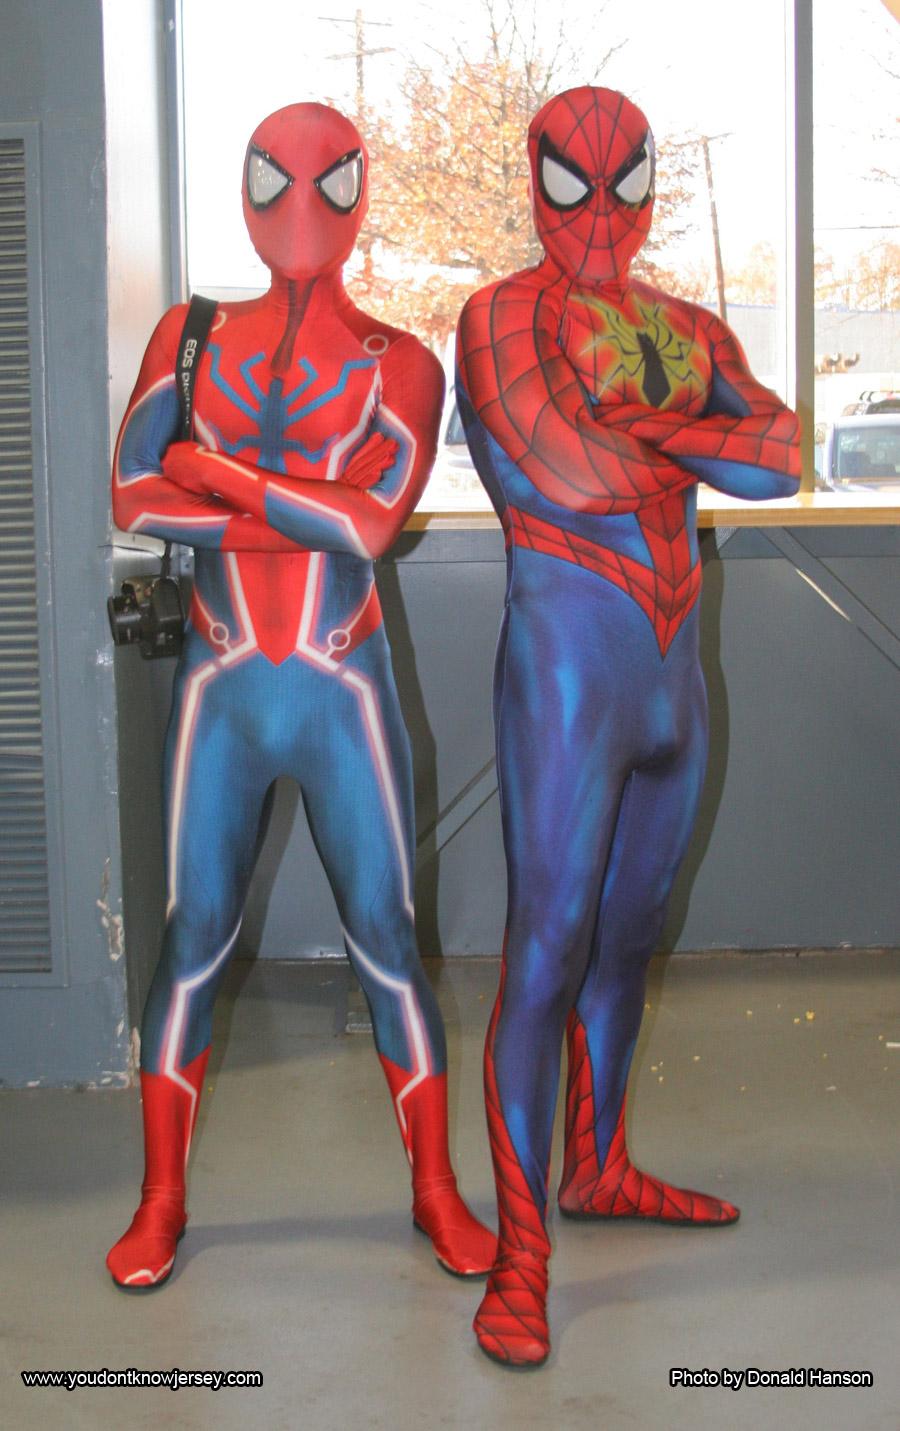 Spider-Man & Spider-Man